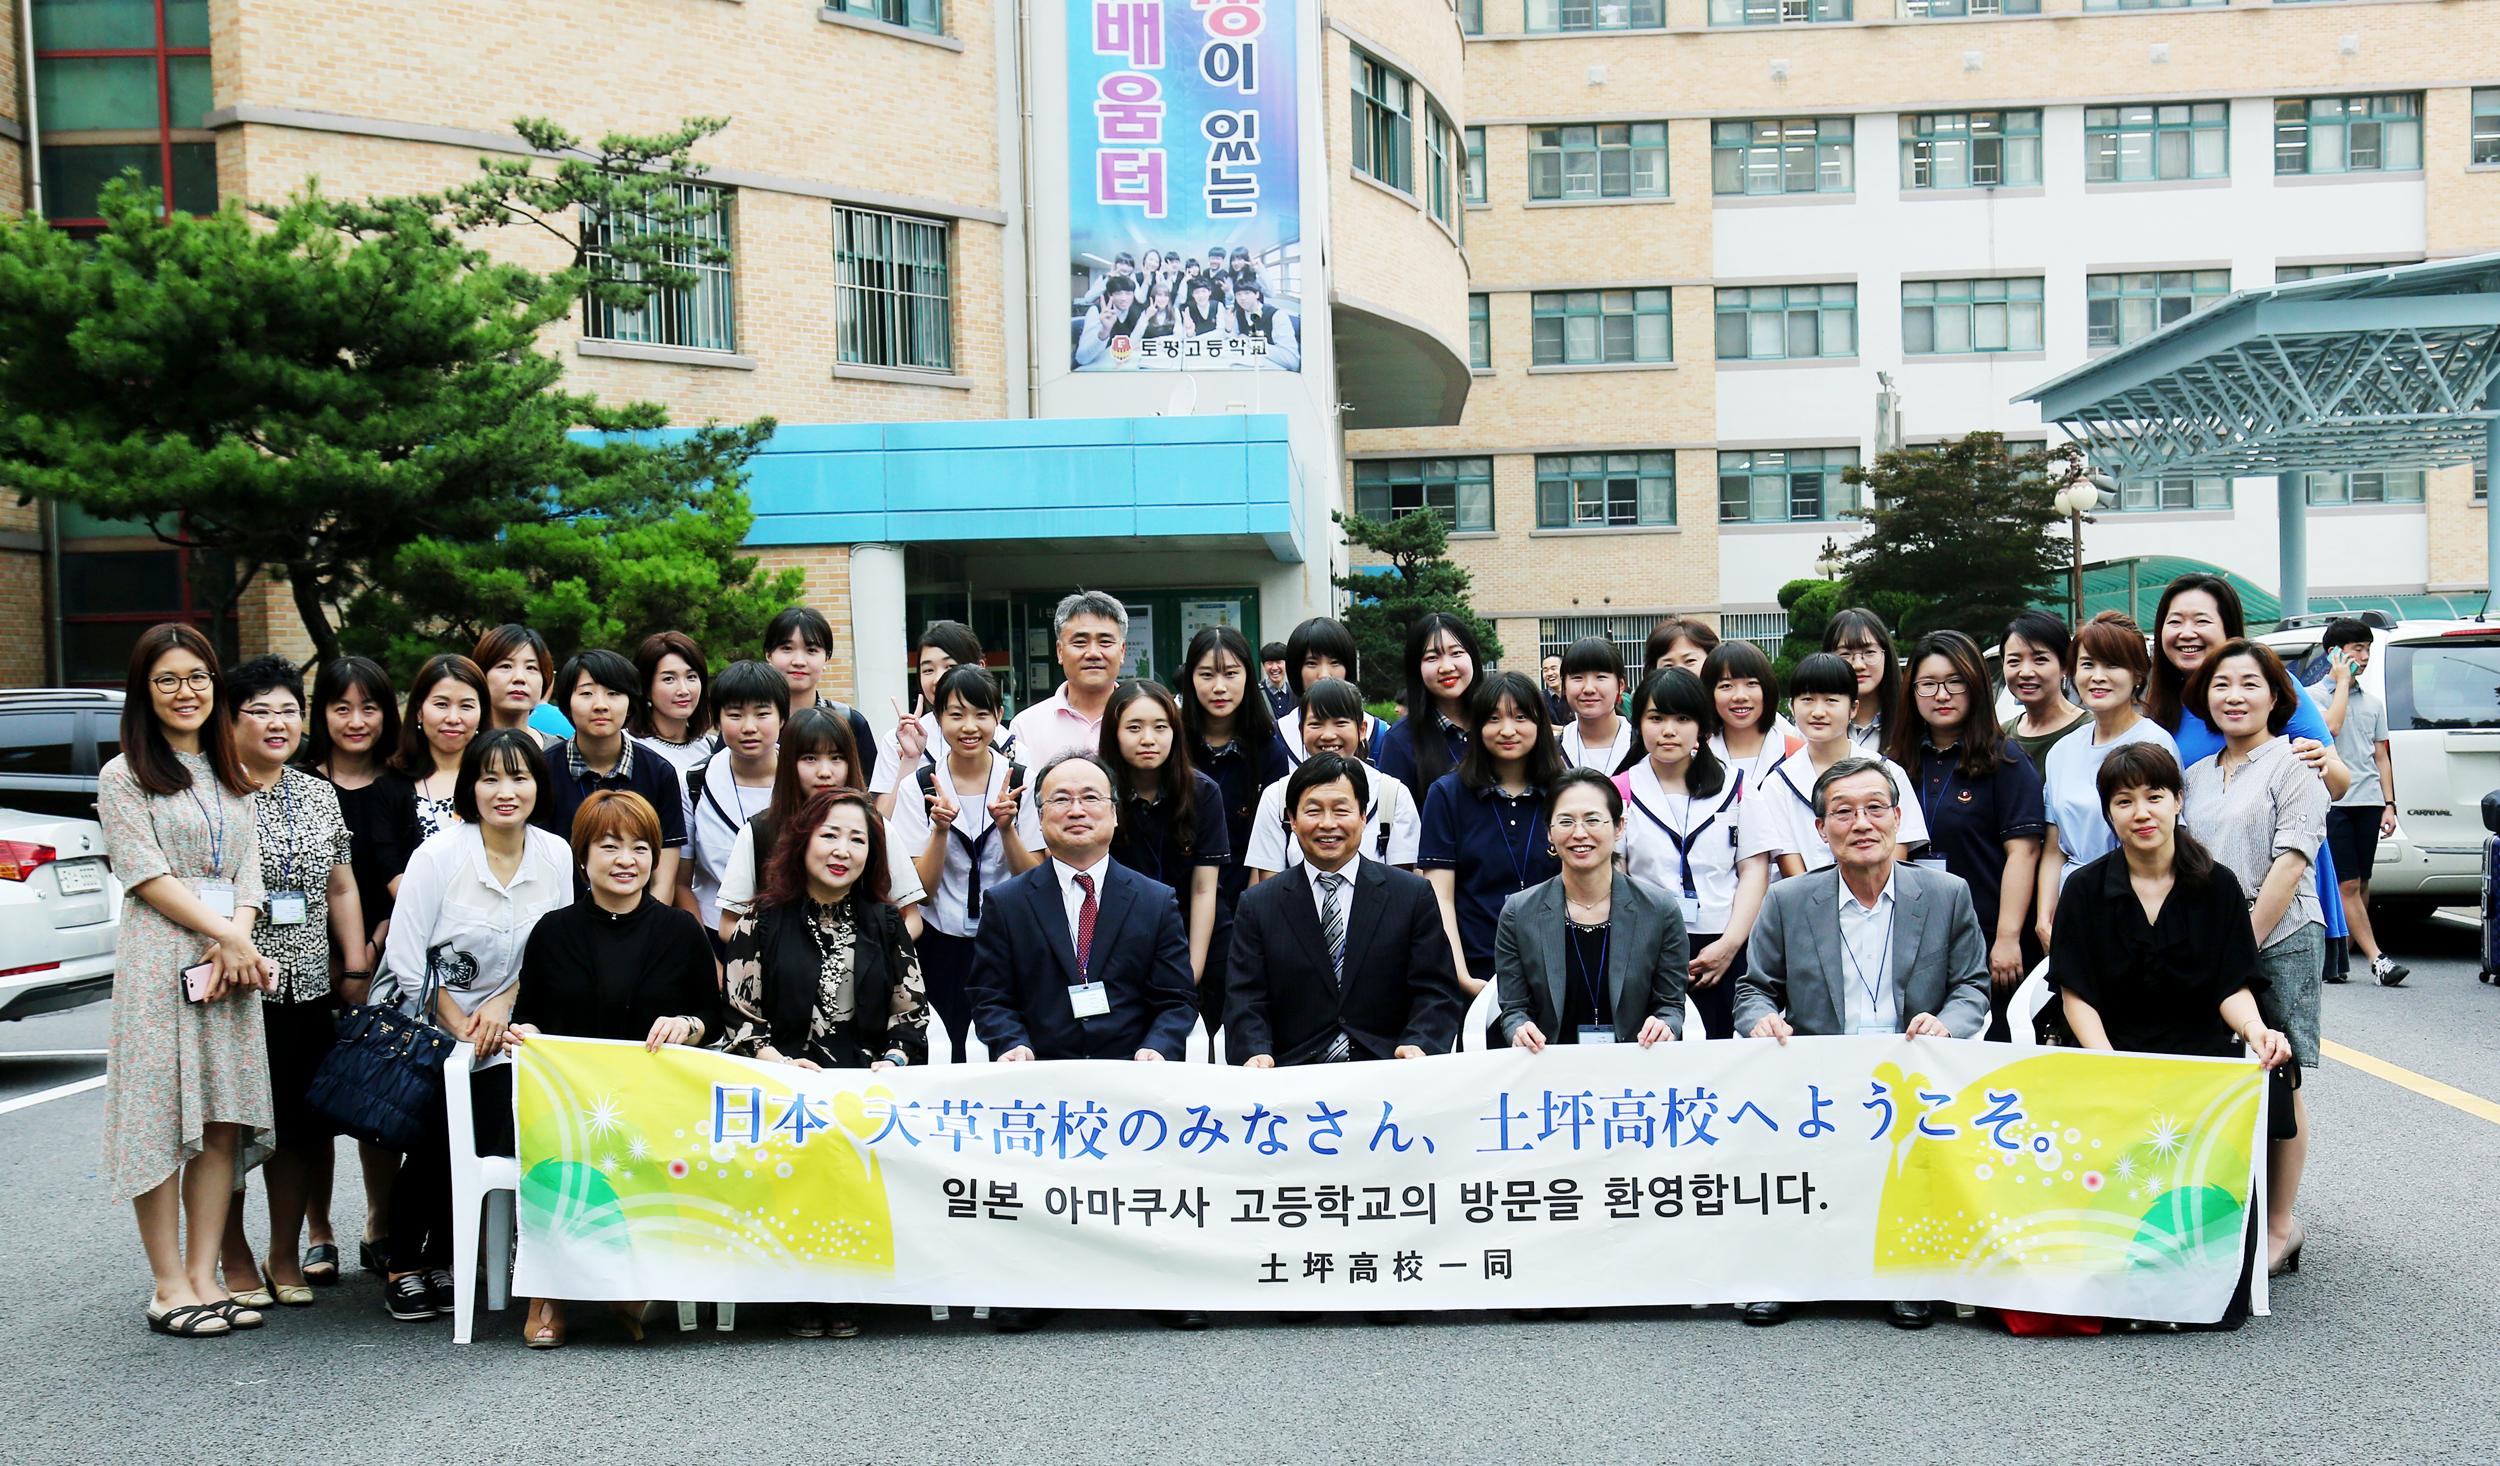 熊本県立天草高校の事例の画像